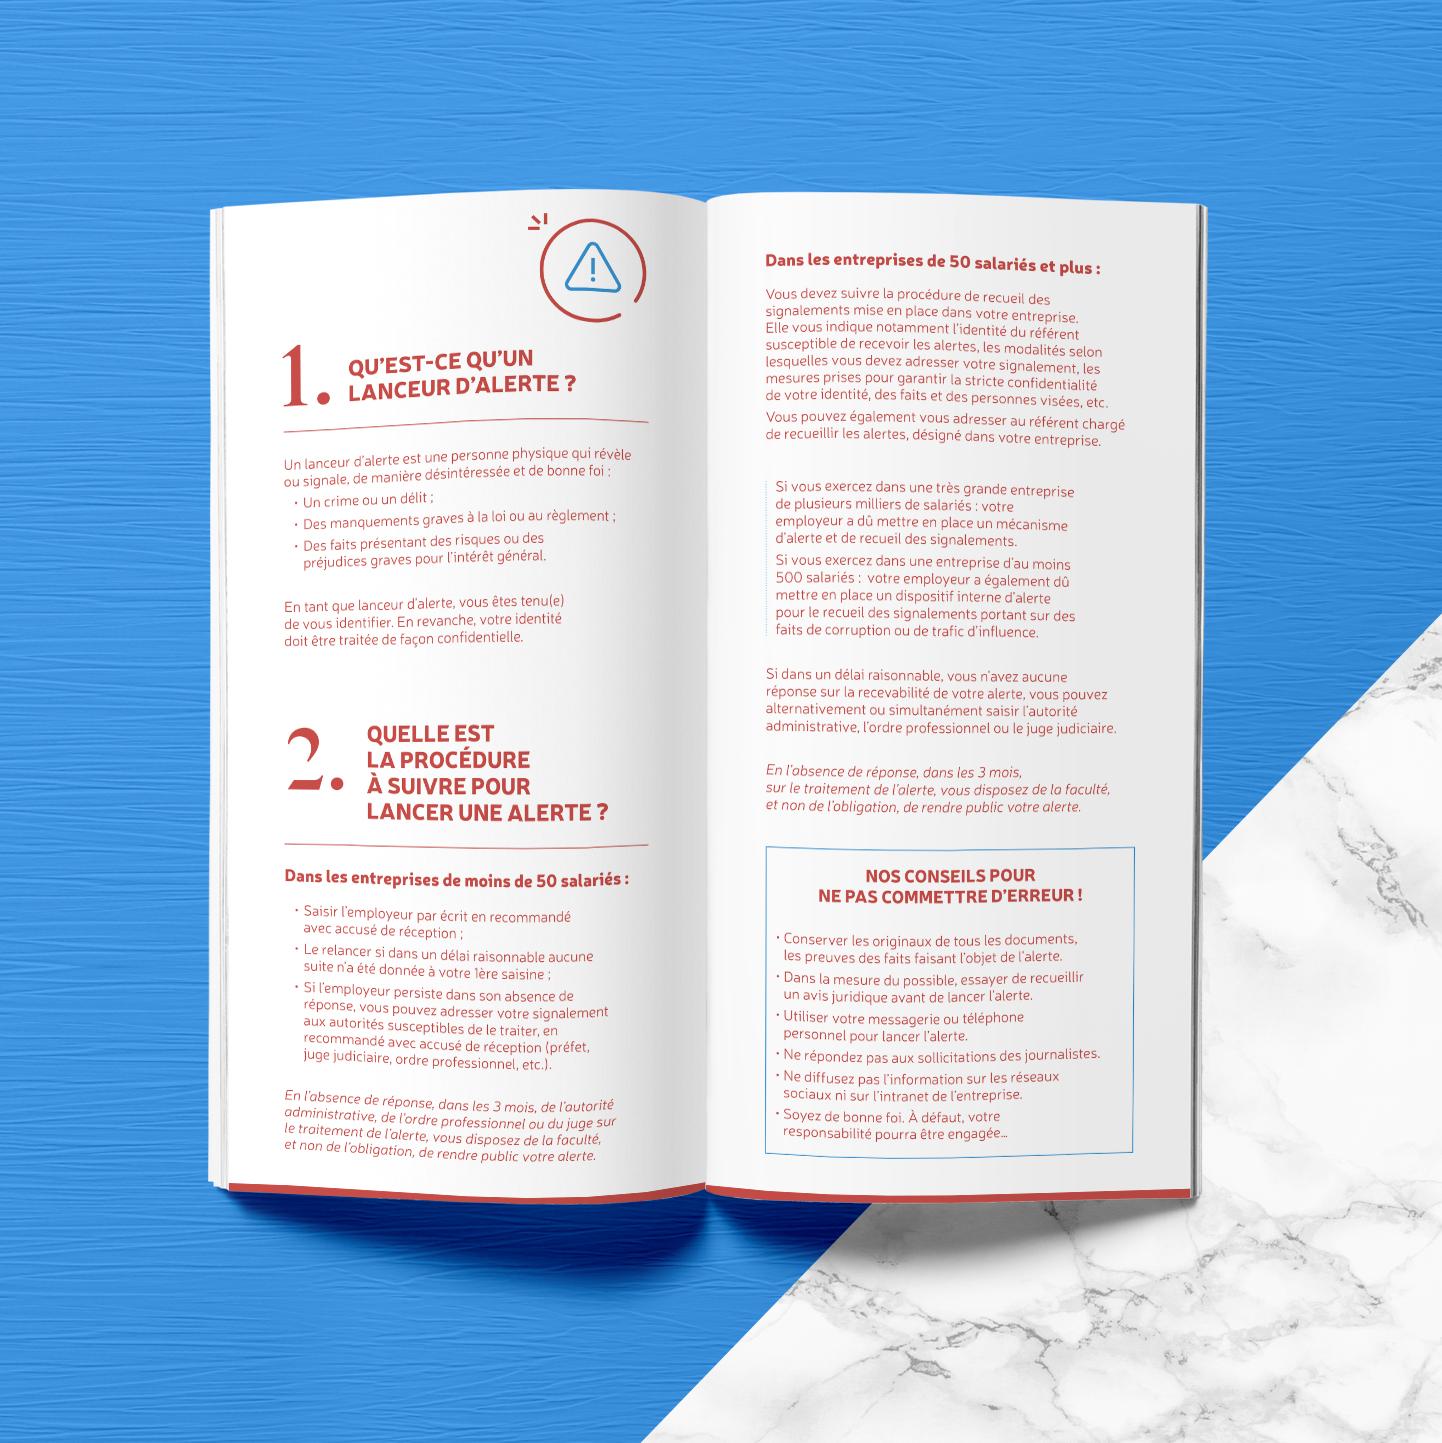 Livret droit d'alerte pages 2-3